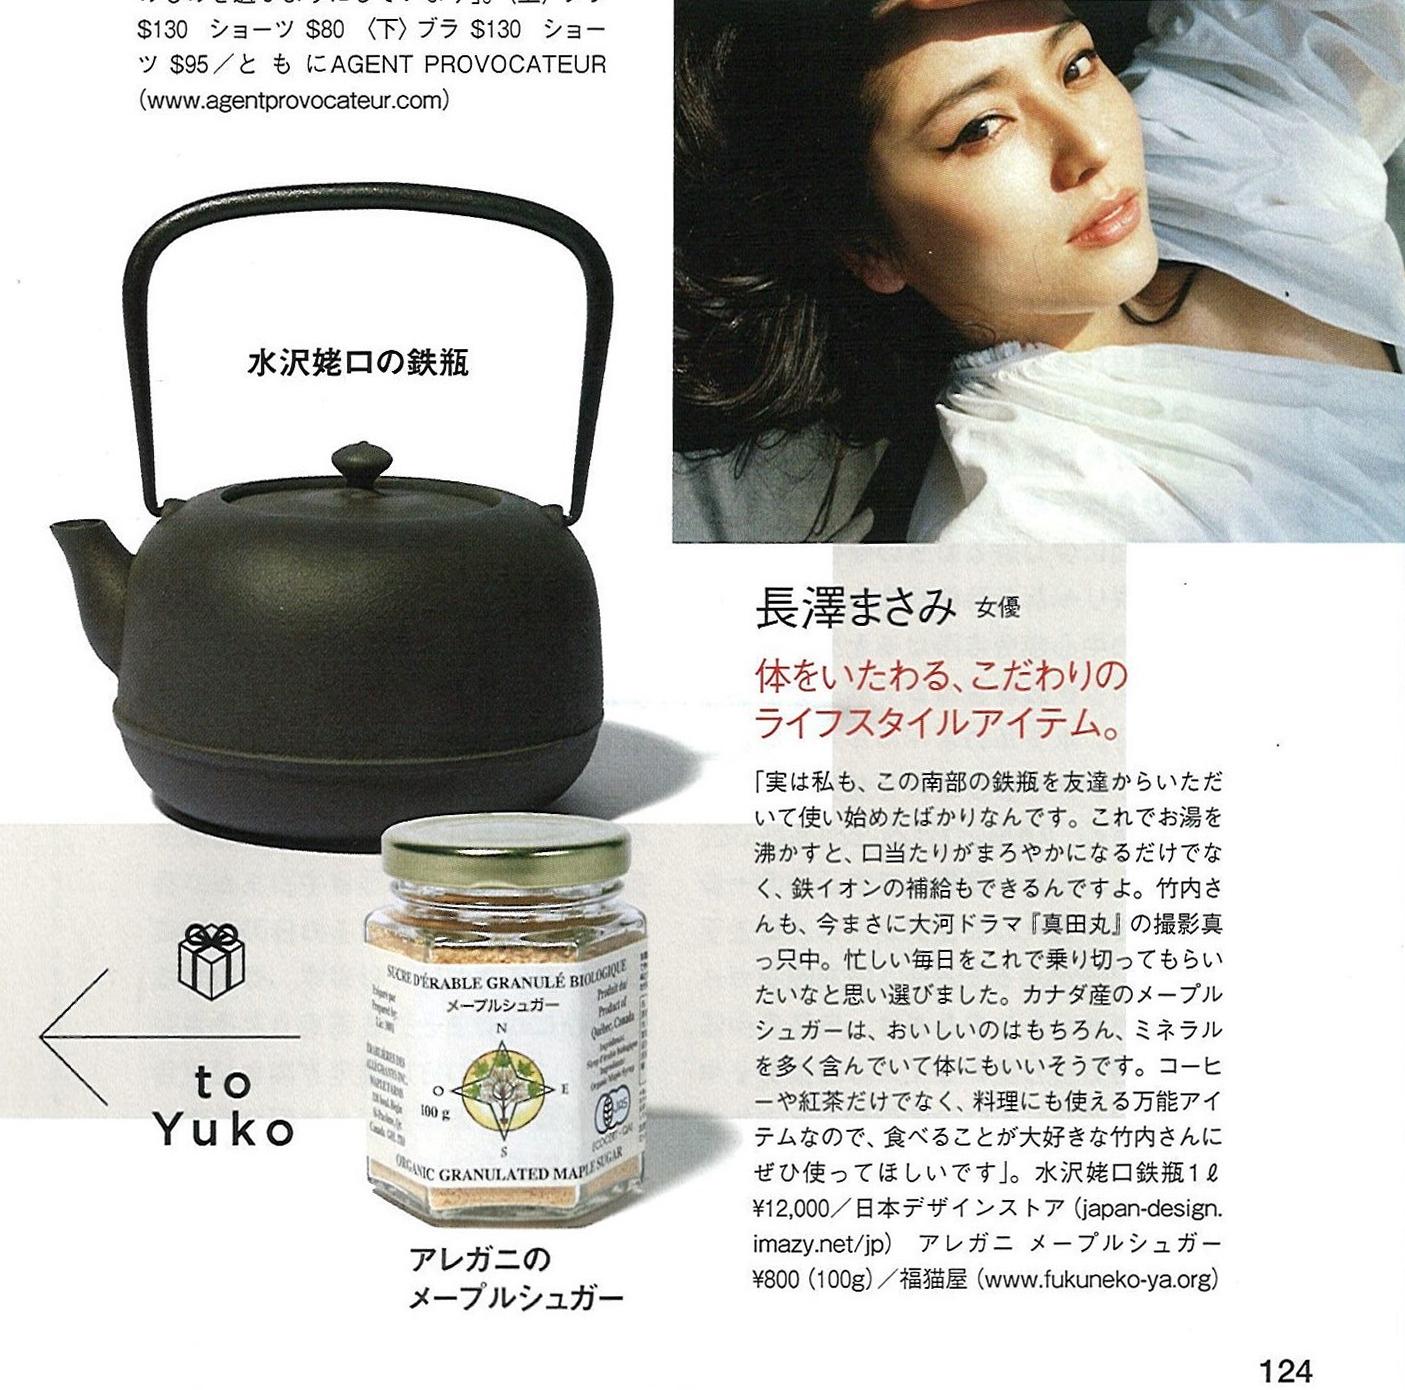 雑誌に紹介された東屋の水沢姥口鉄瓶のページイメージ